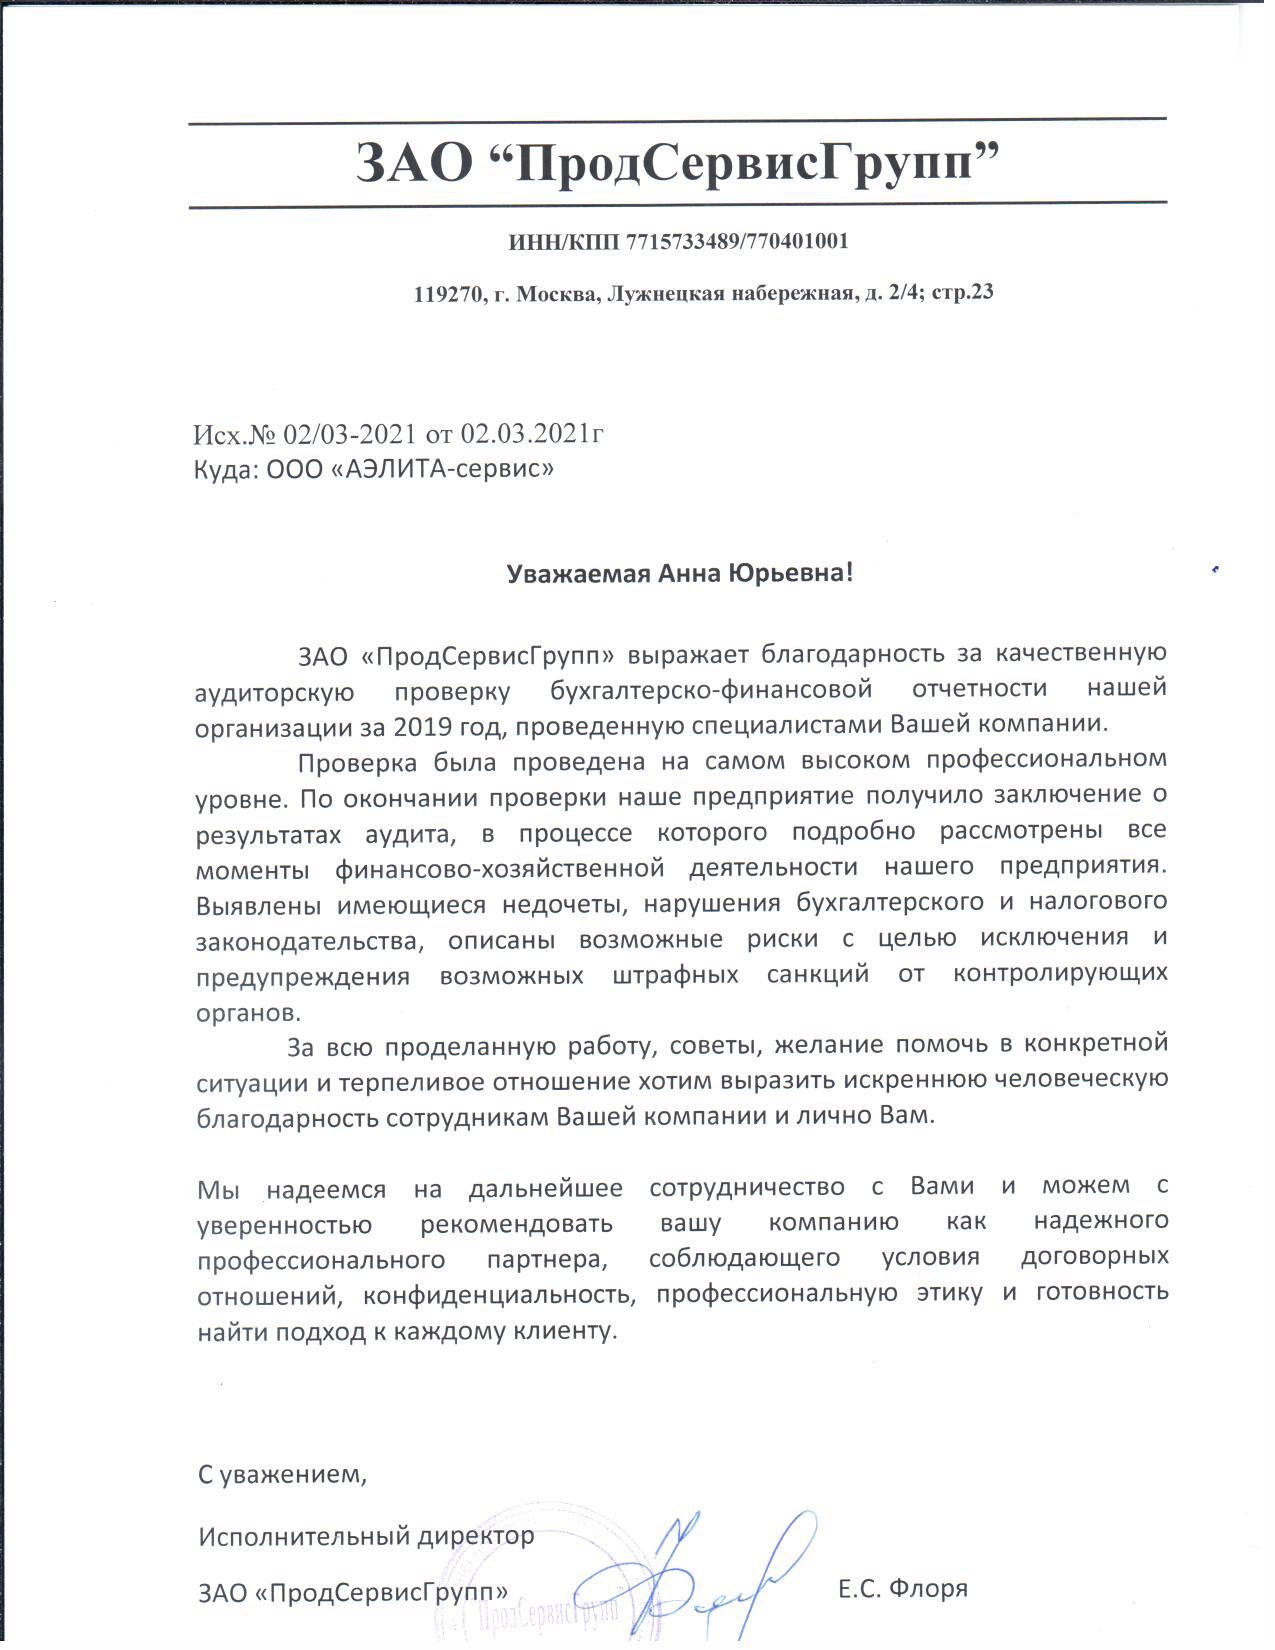 Благодарственное письмо ПродСервисГрупп